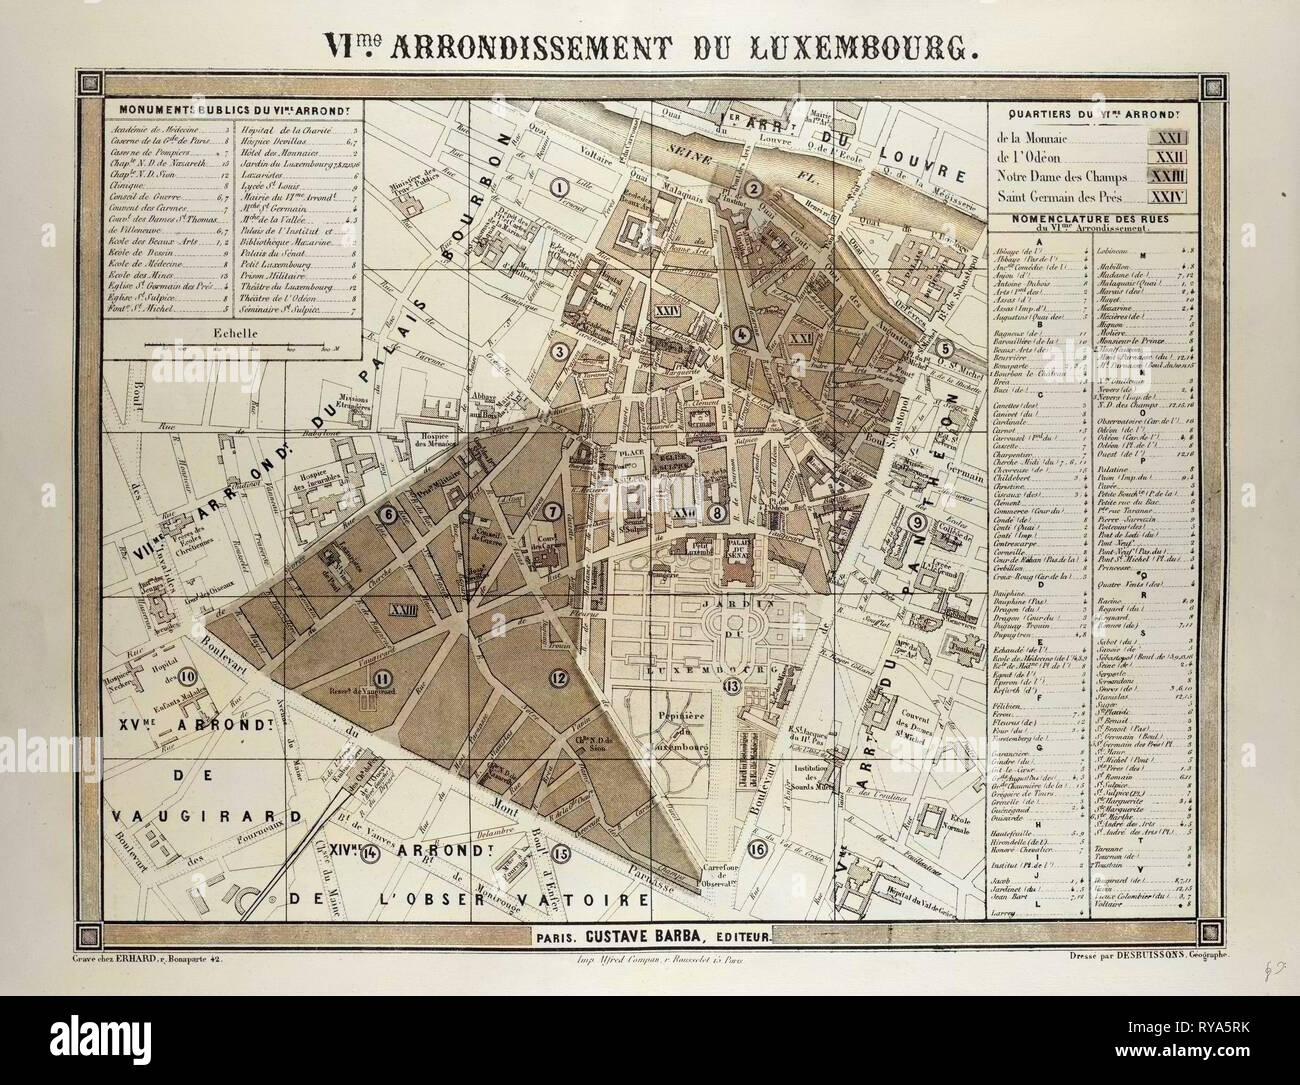 Map Of Paris France 6th Arrondissement.6th Arrondissement Du Luxembourgparis Stock Photos 6th